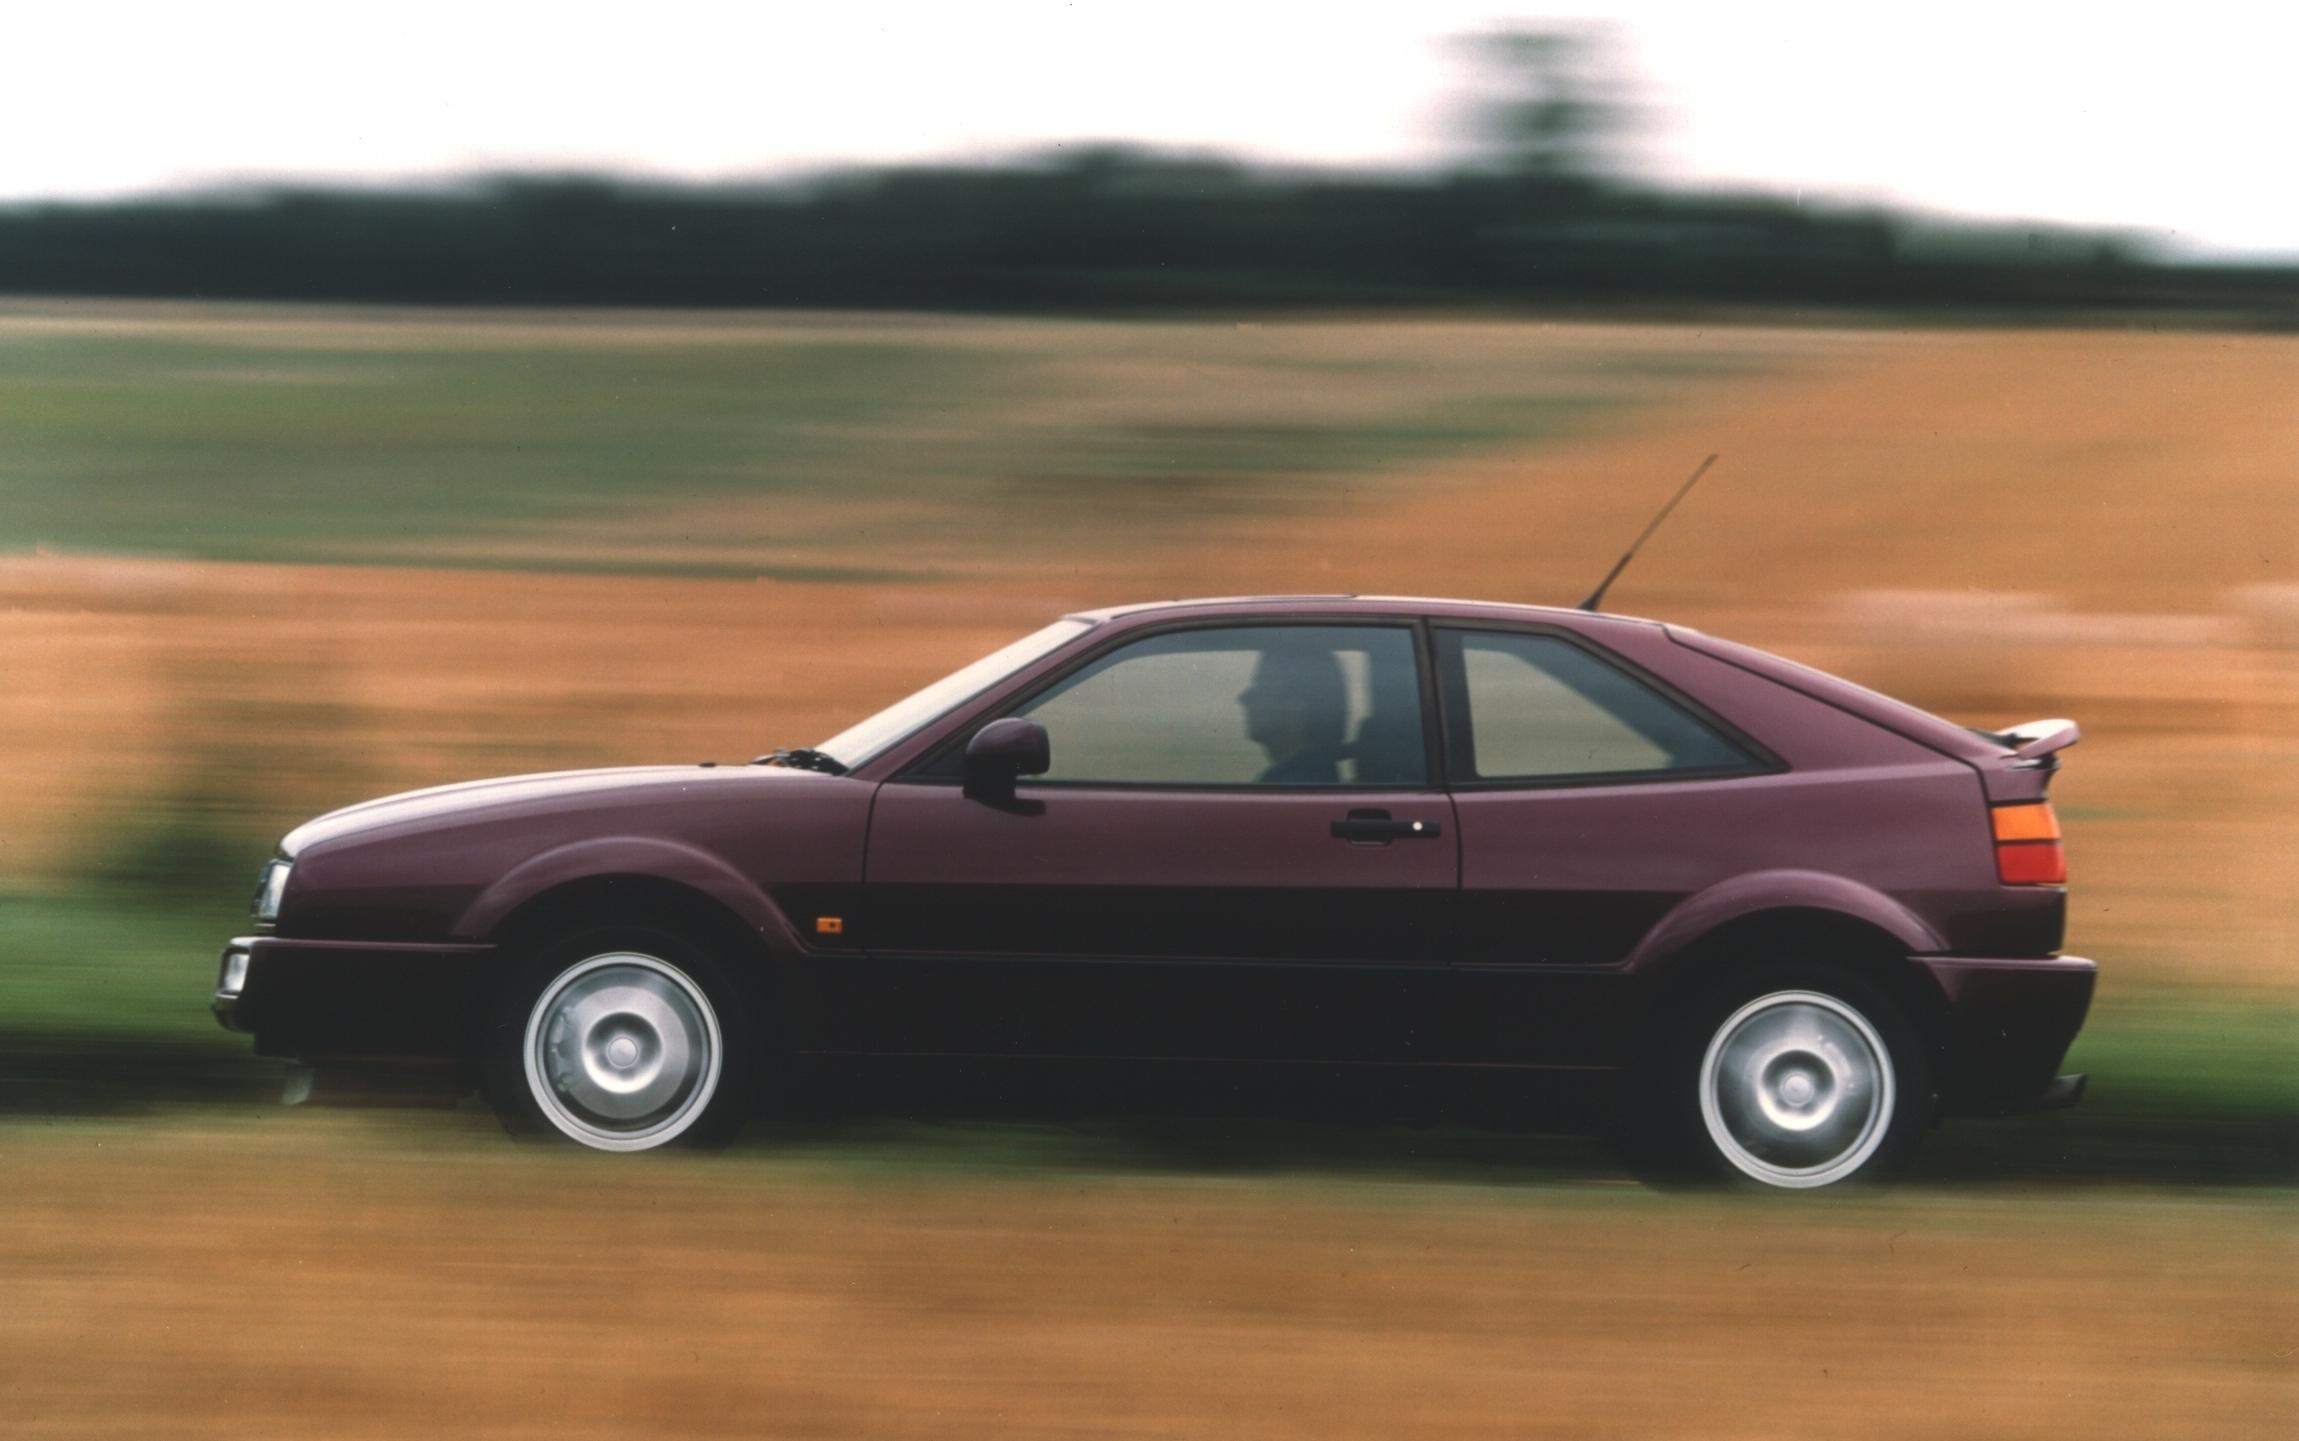 Purple 1990s Volkswagen Corrado